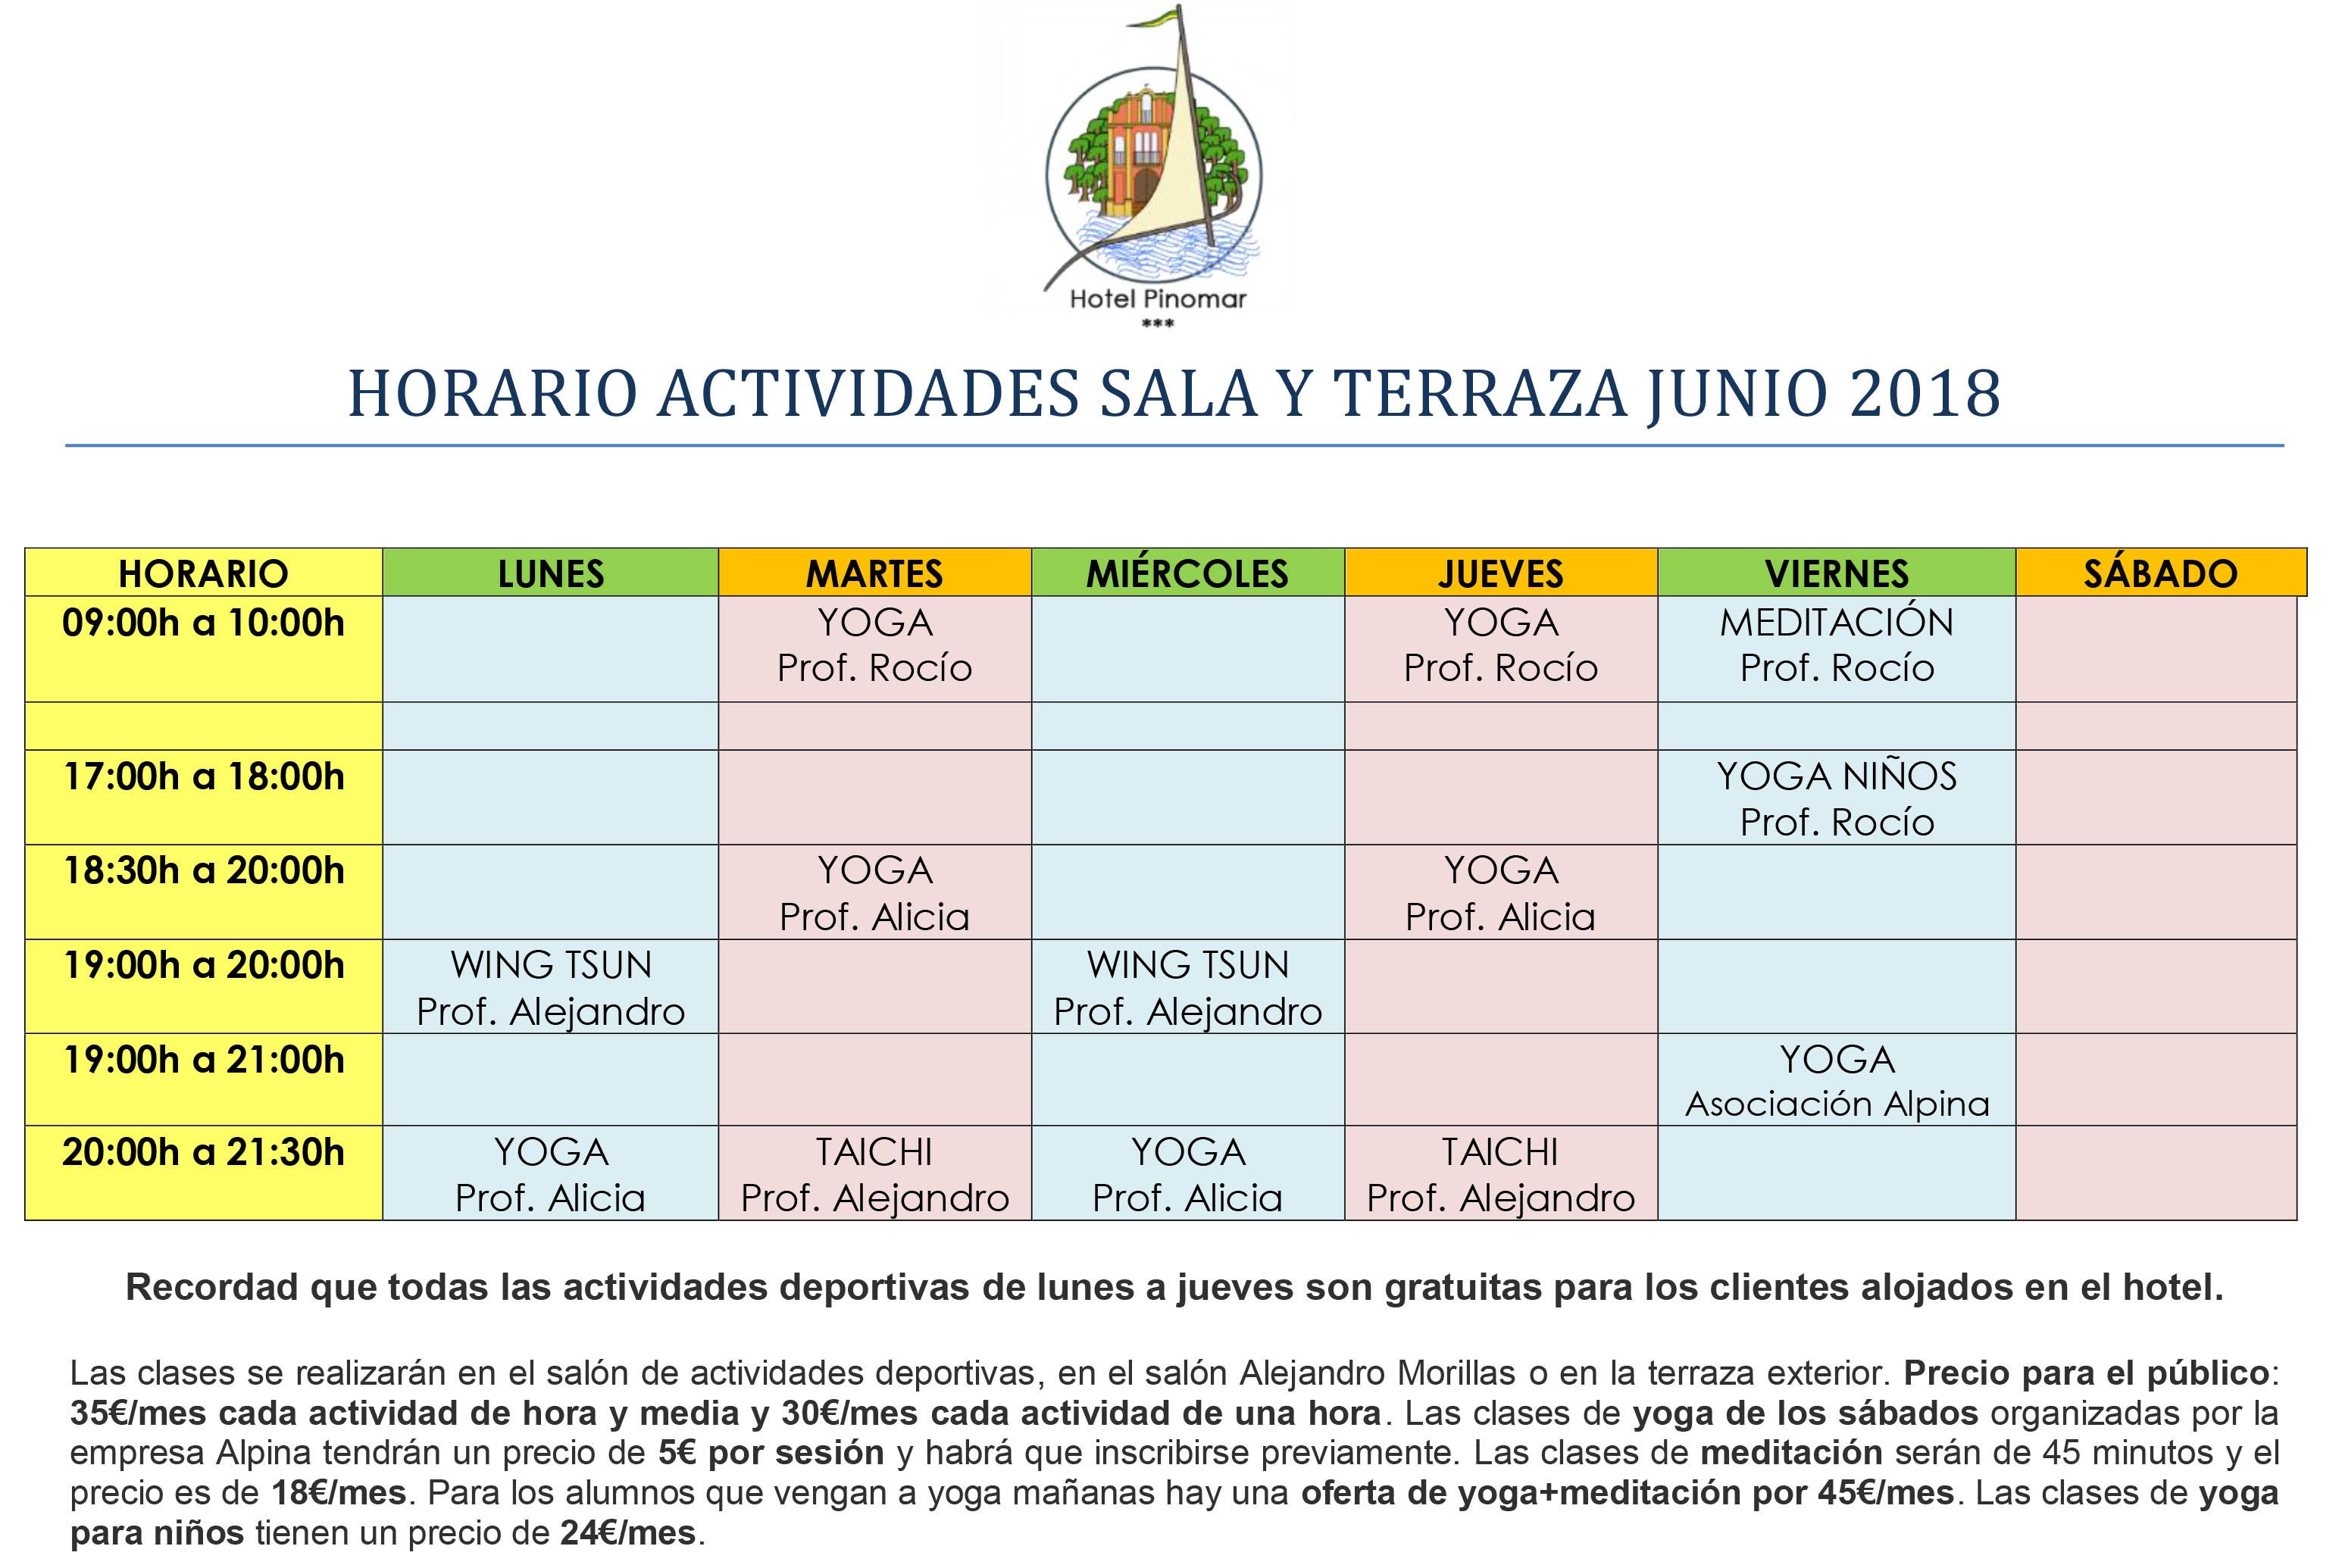 HORARIO ACTIVIDADES DIRIGIDAS JUNIO 2018